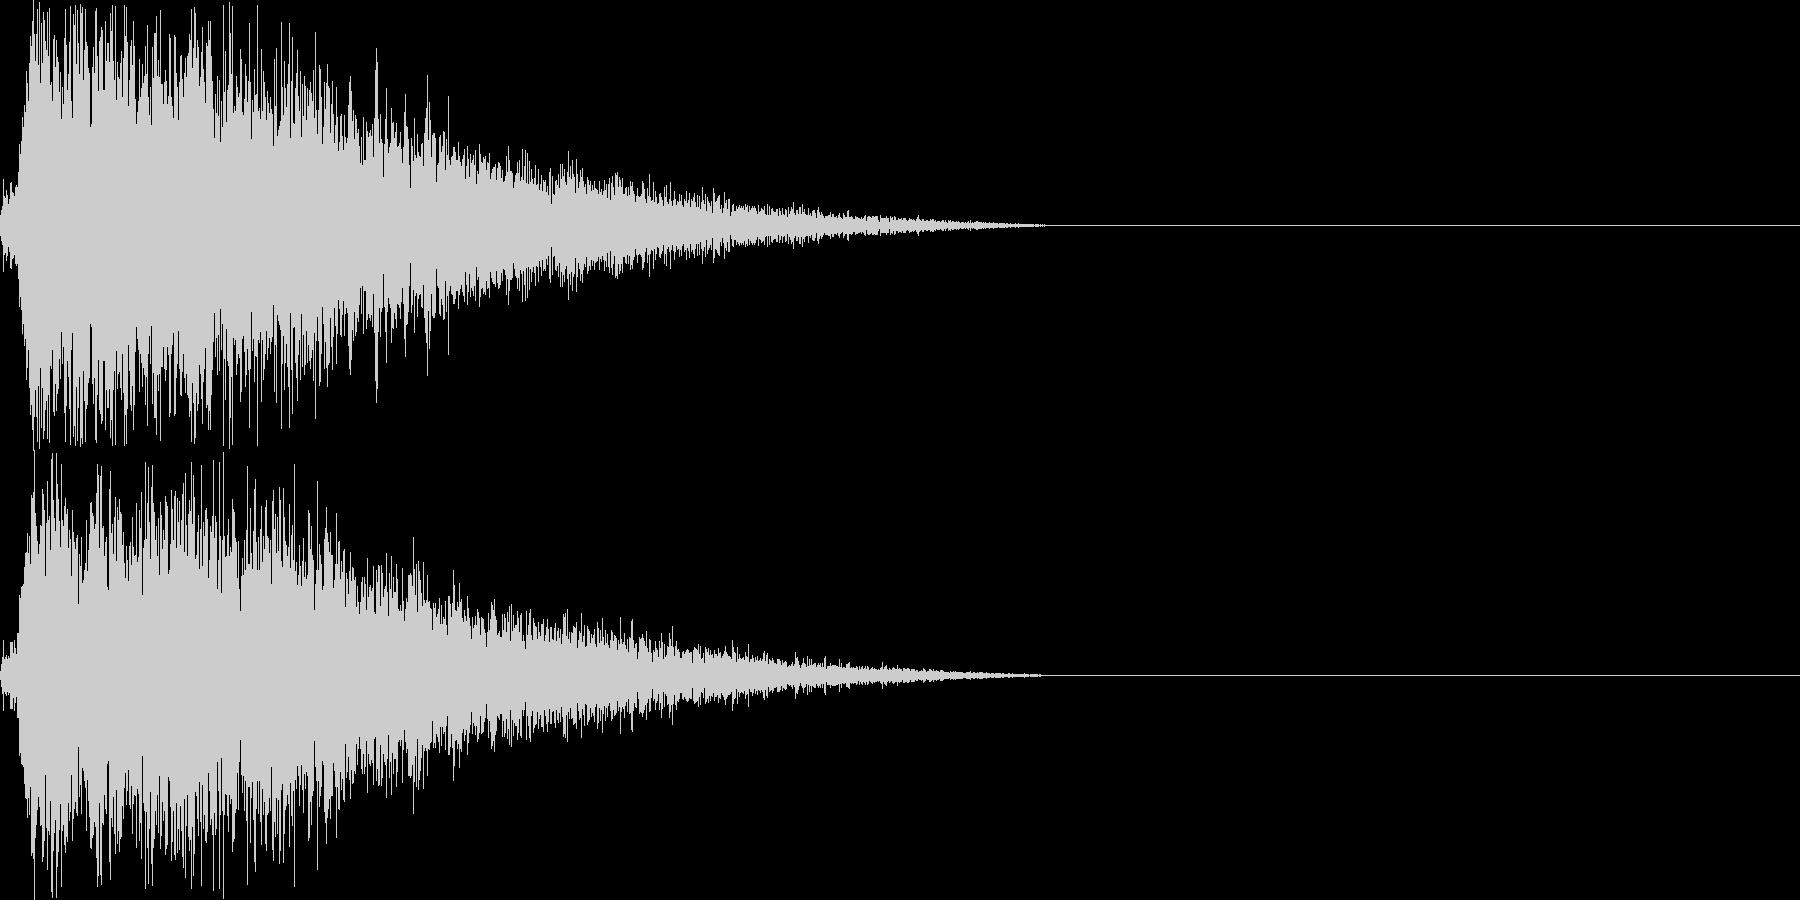 ハンドシンバル/オーケストラ/パーンの未再生の波形